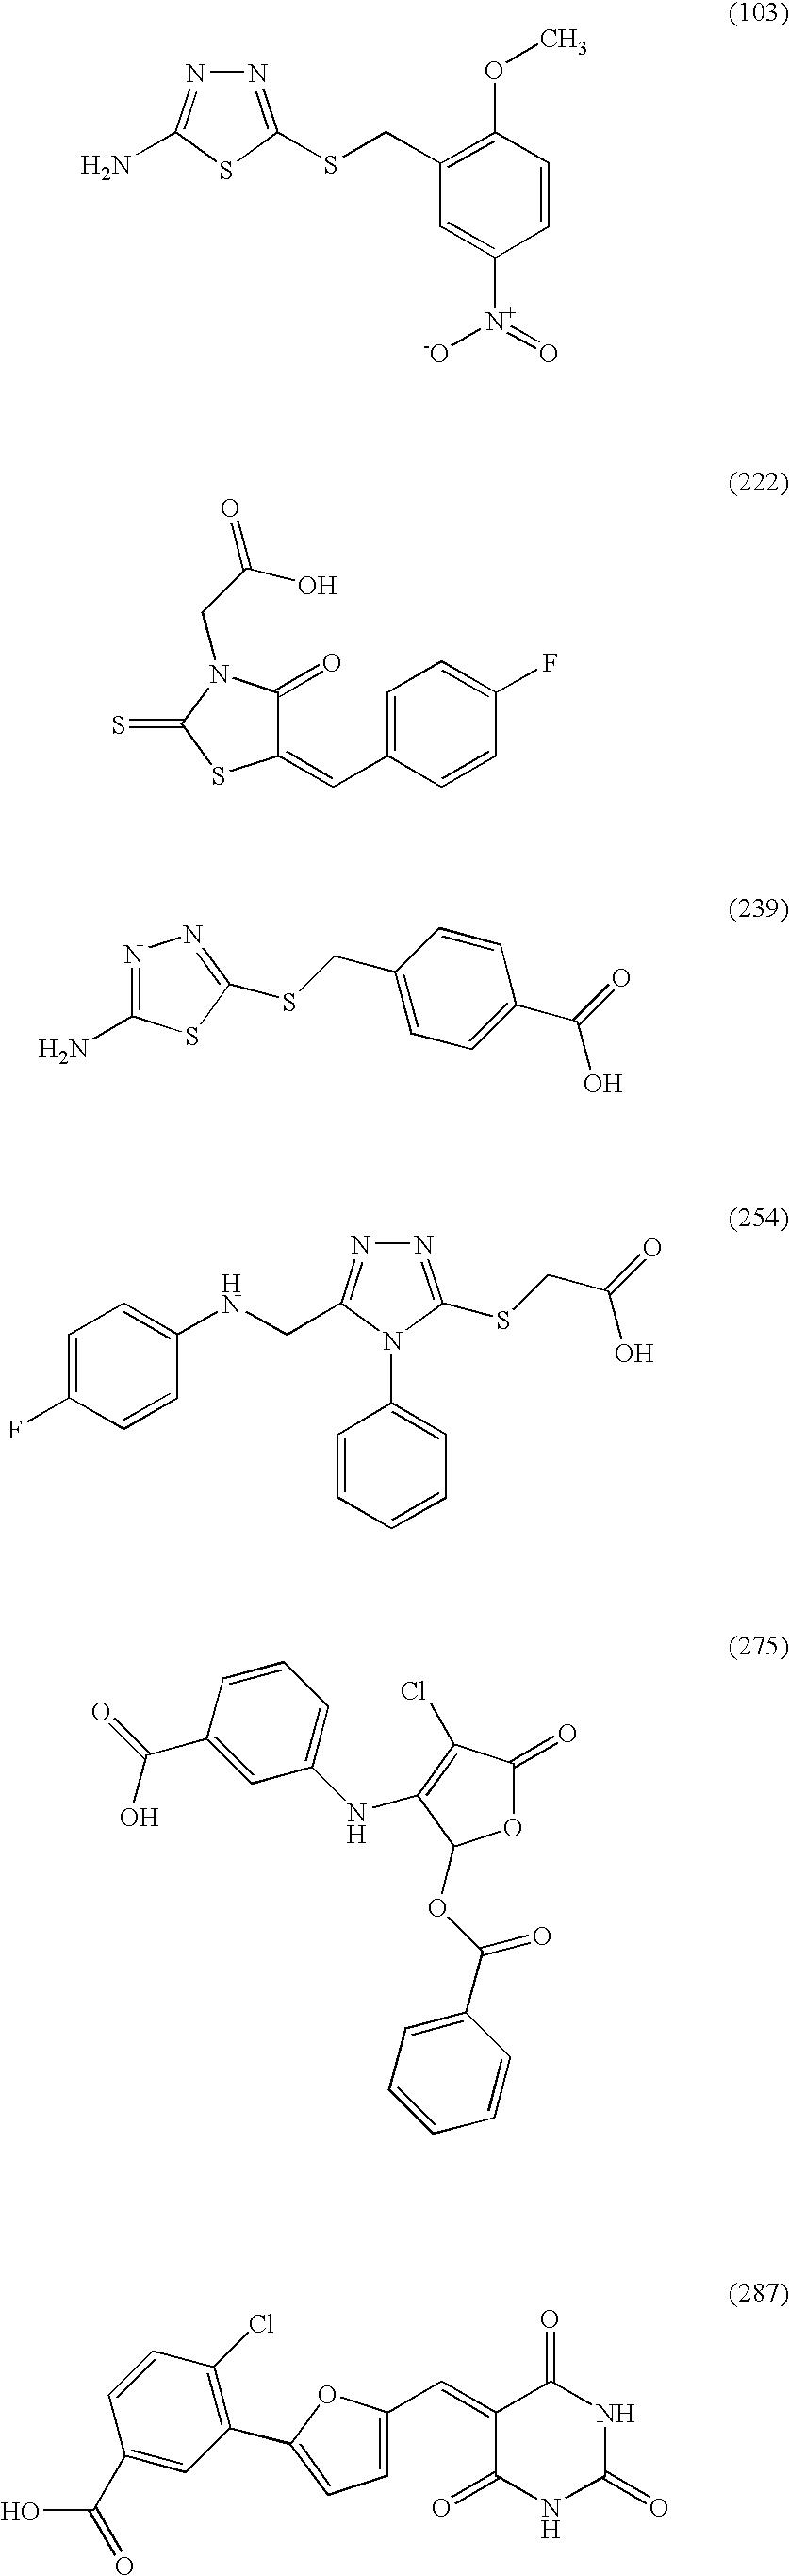 Figure US20070196395A1-20070823-C00013